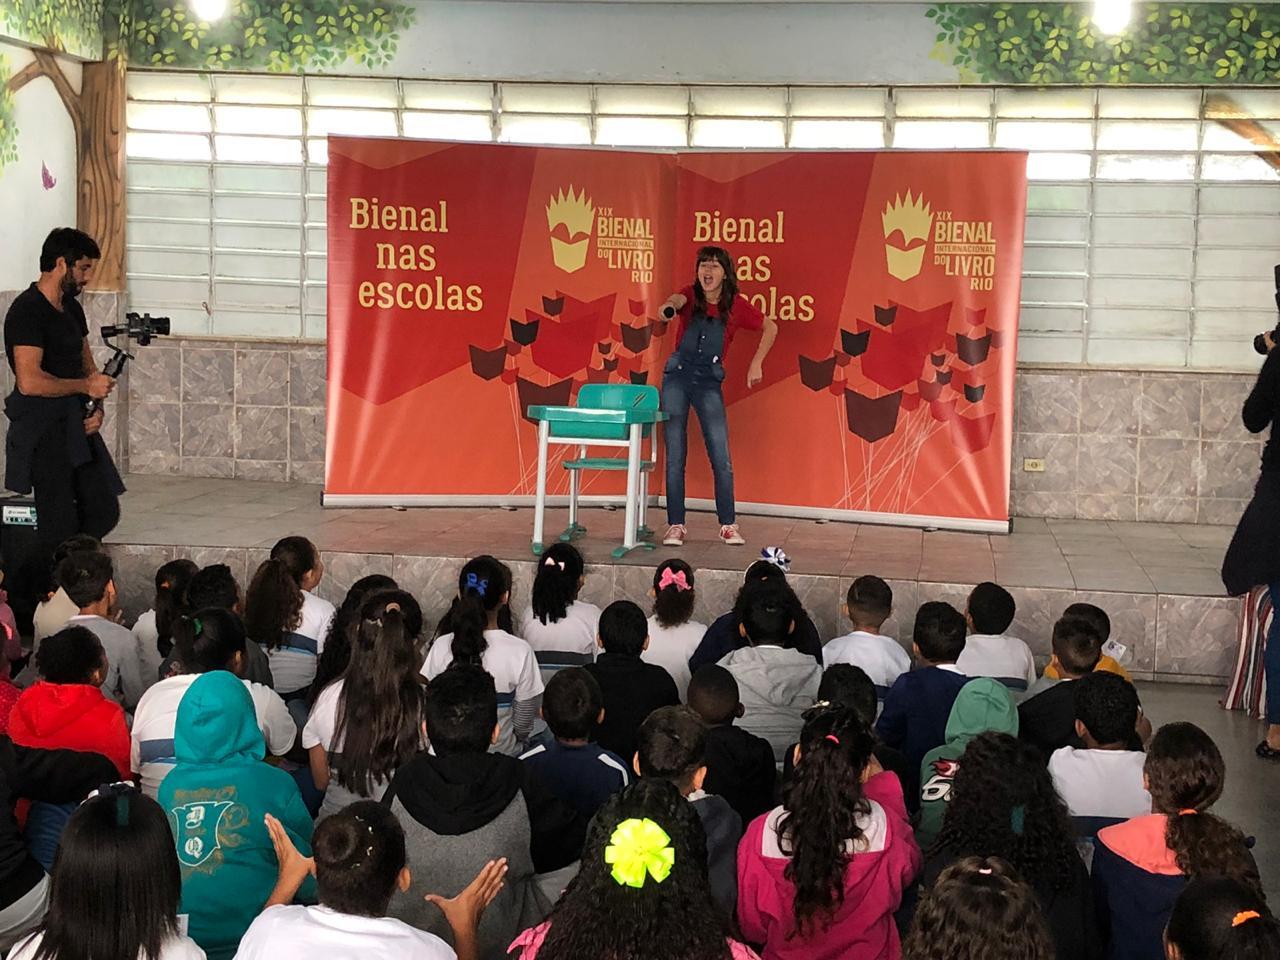 Escola da Prefeitura recebe a escritora infantil Letícia Braga em evento pré-Bienal do Livro